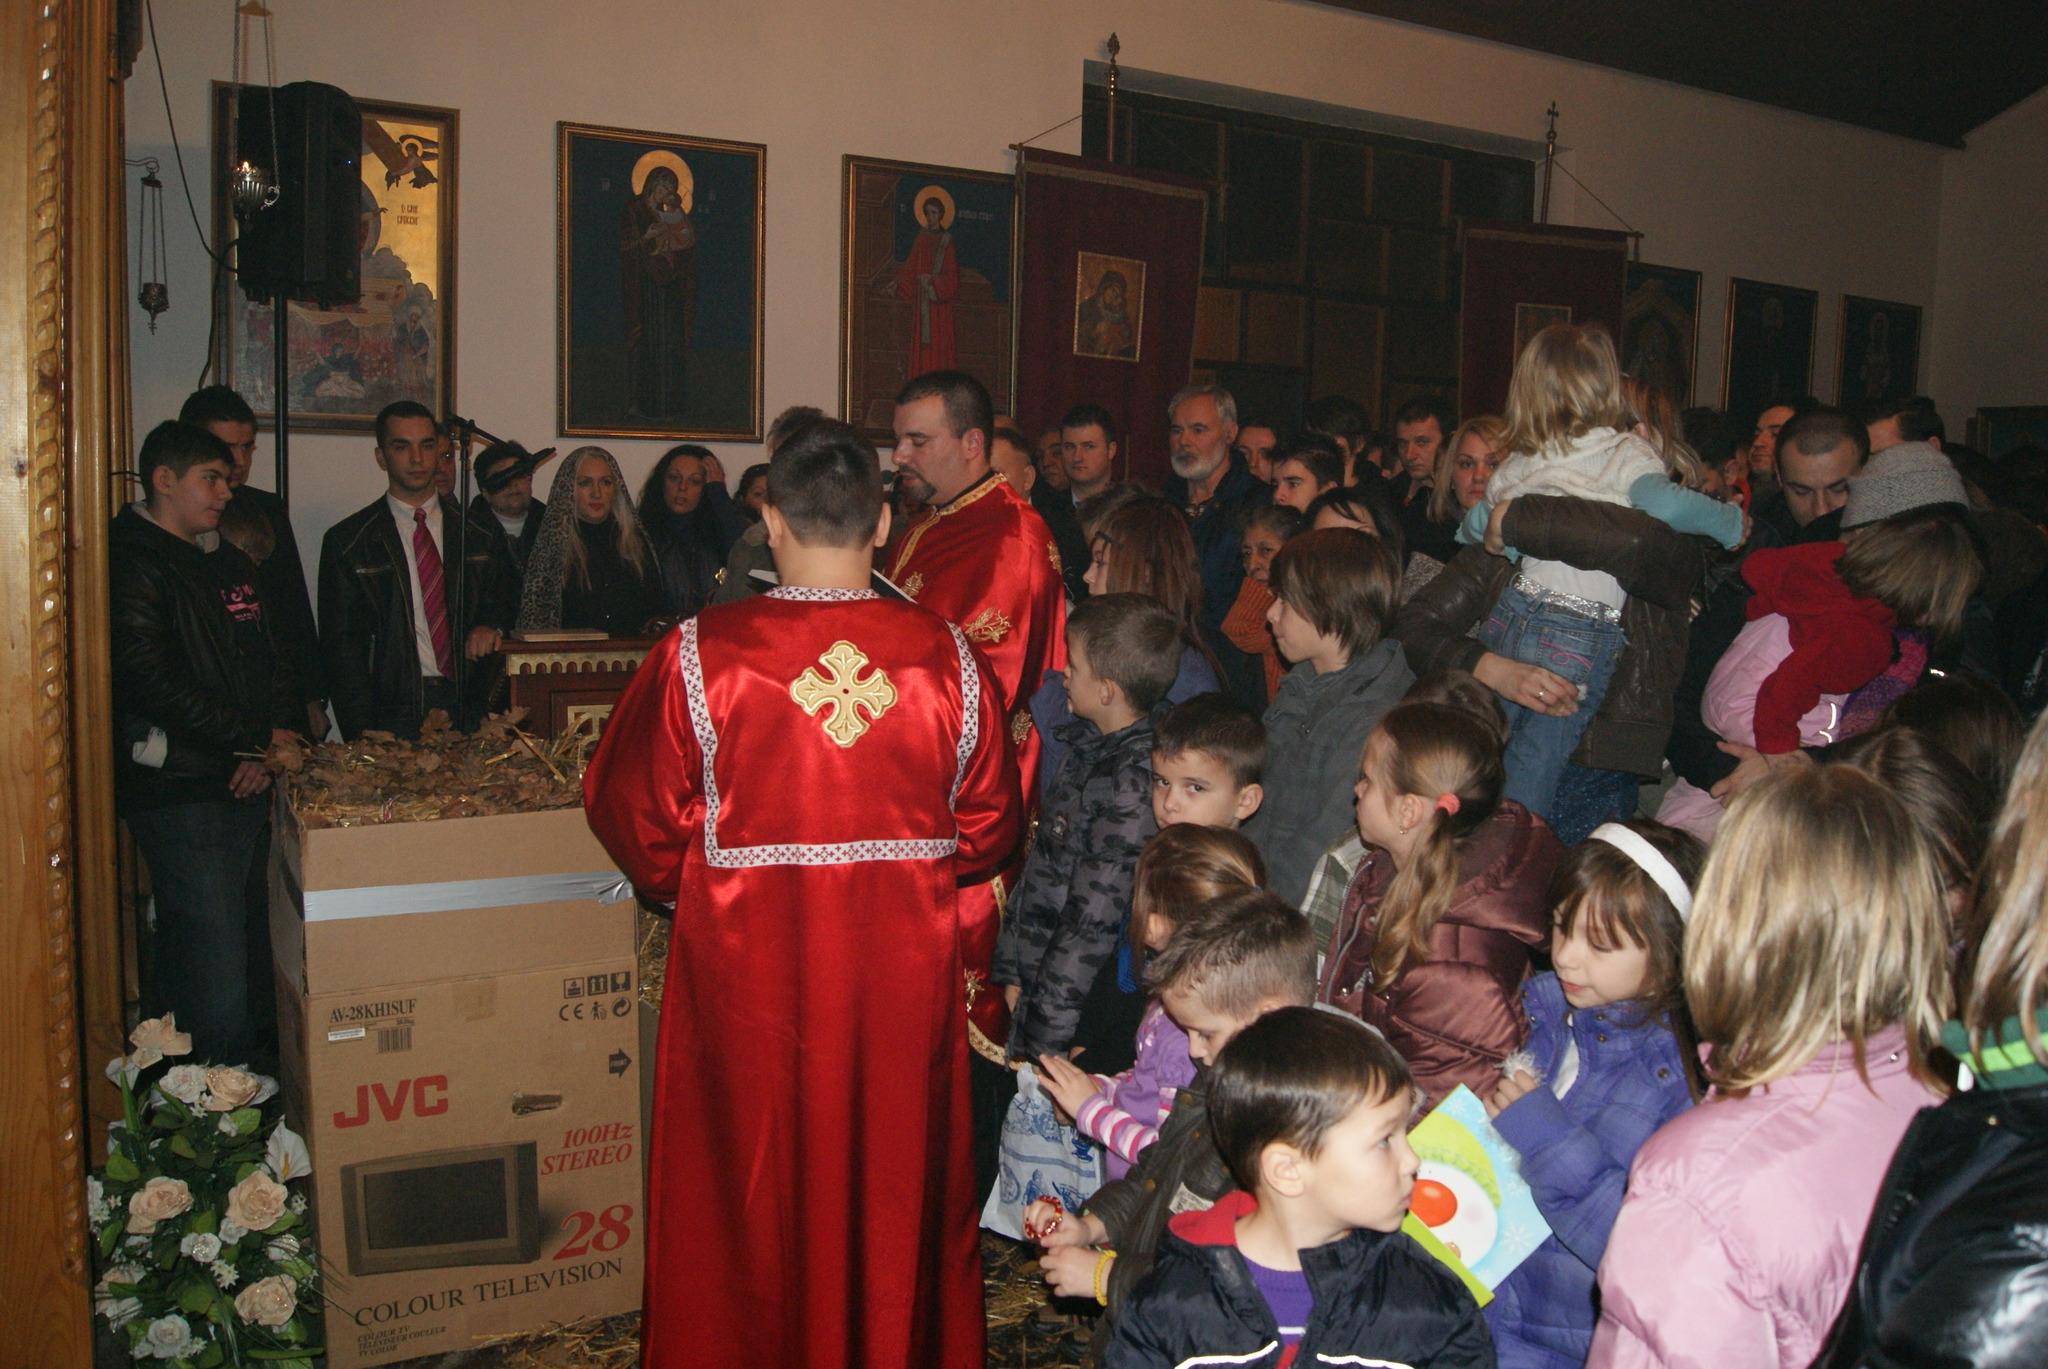 Serbisch Frohe Weihnachten.Weihnachten In Der Serbisch Orthodoxen Kirche Enns